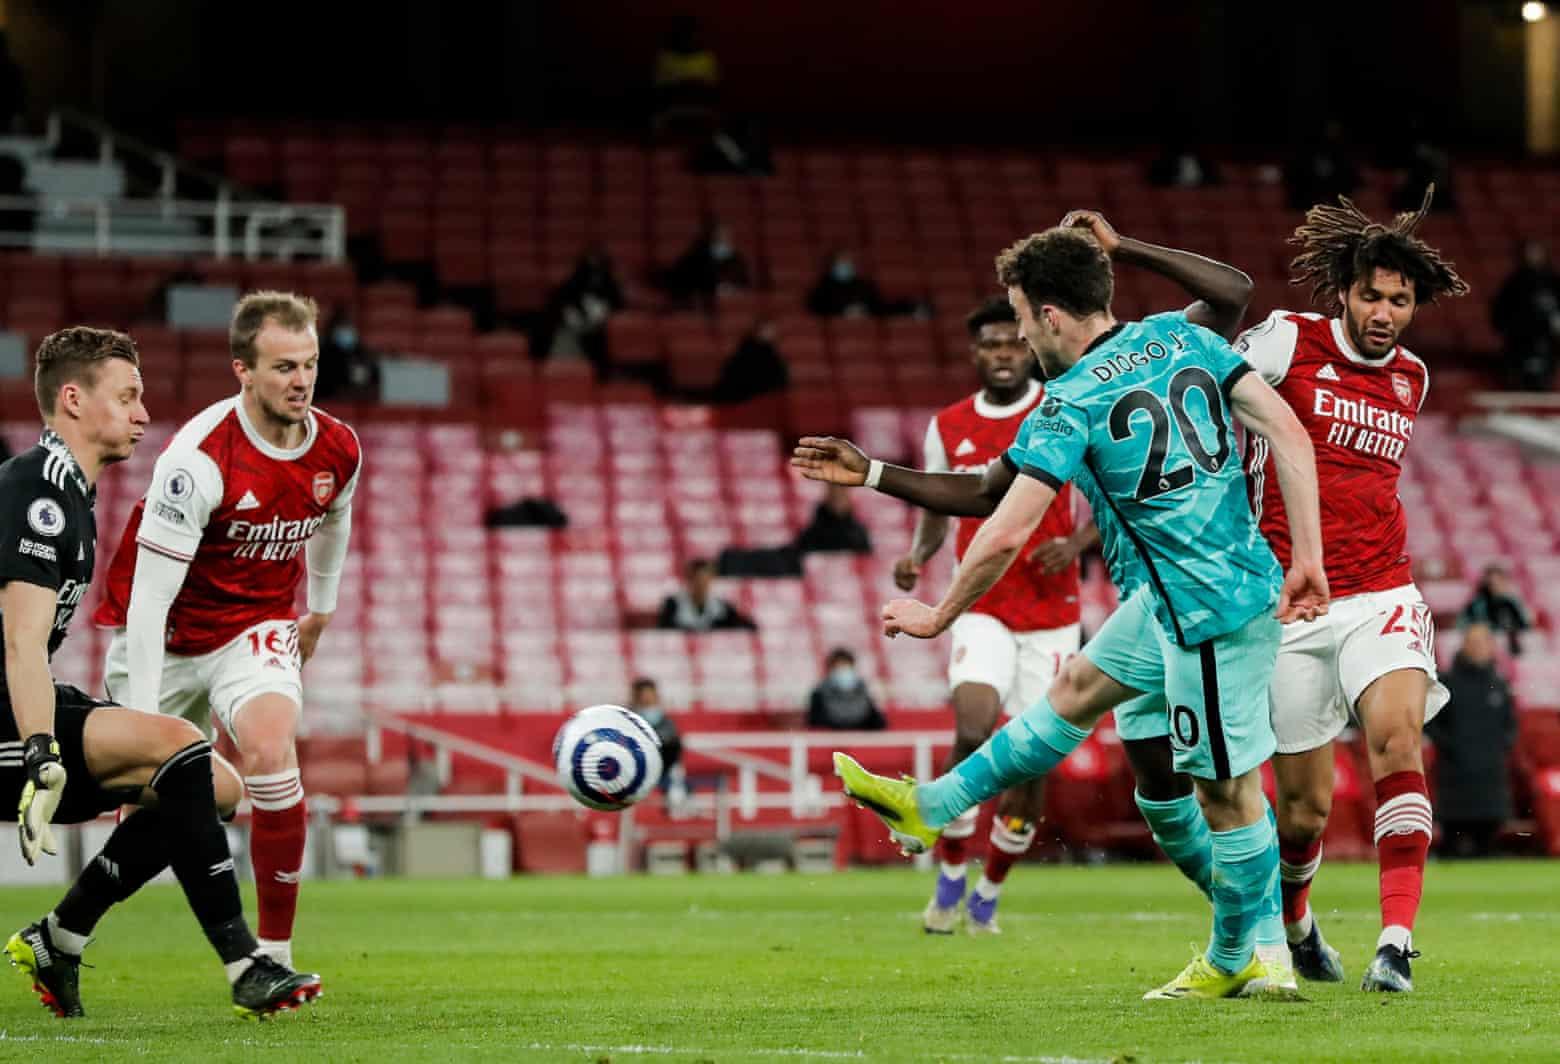 Jota dalam situasi tersebut membuat skor menjadi 3-0 untuk Liverpool pada menit ke 82. Foto: The Observer